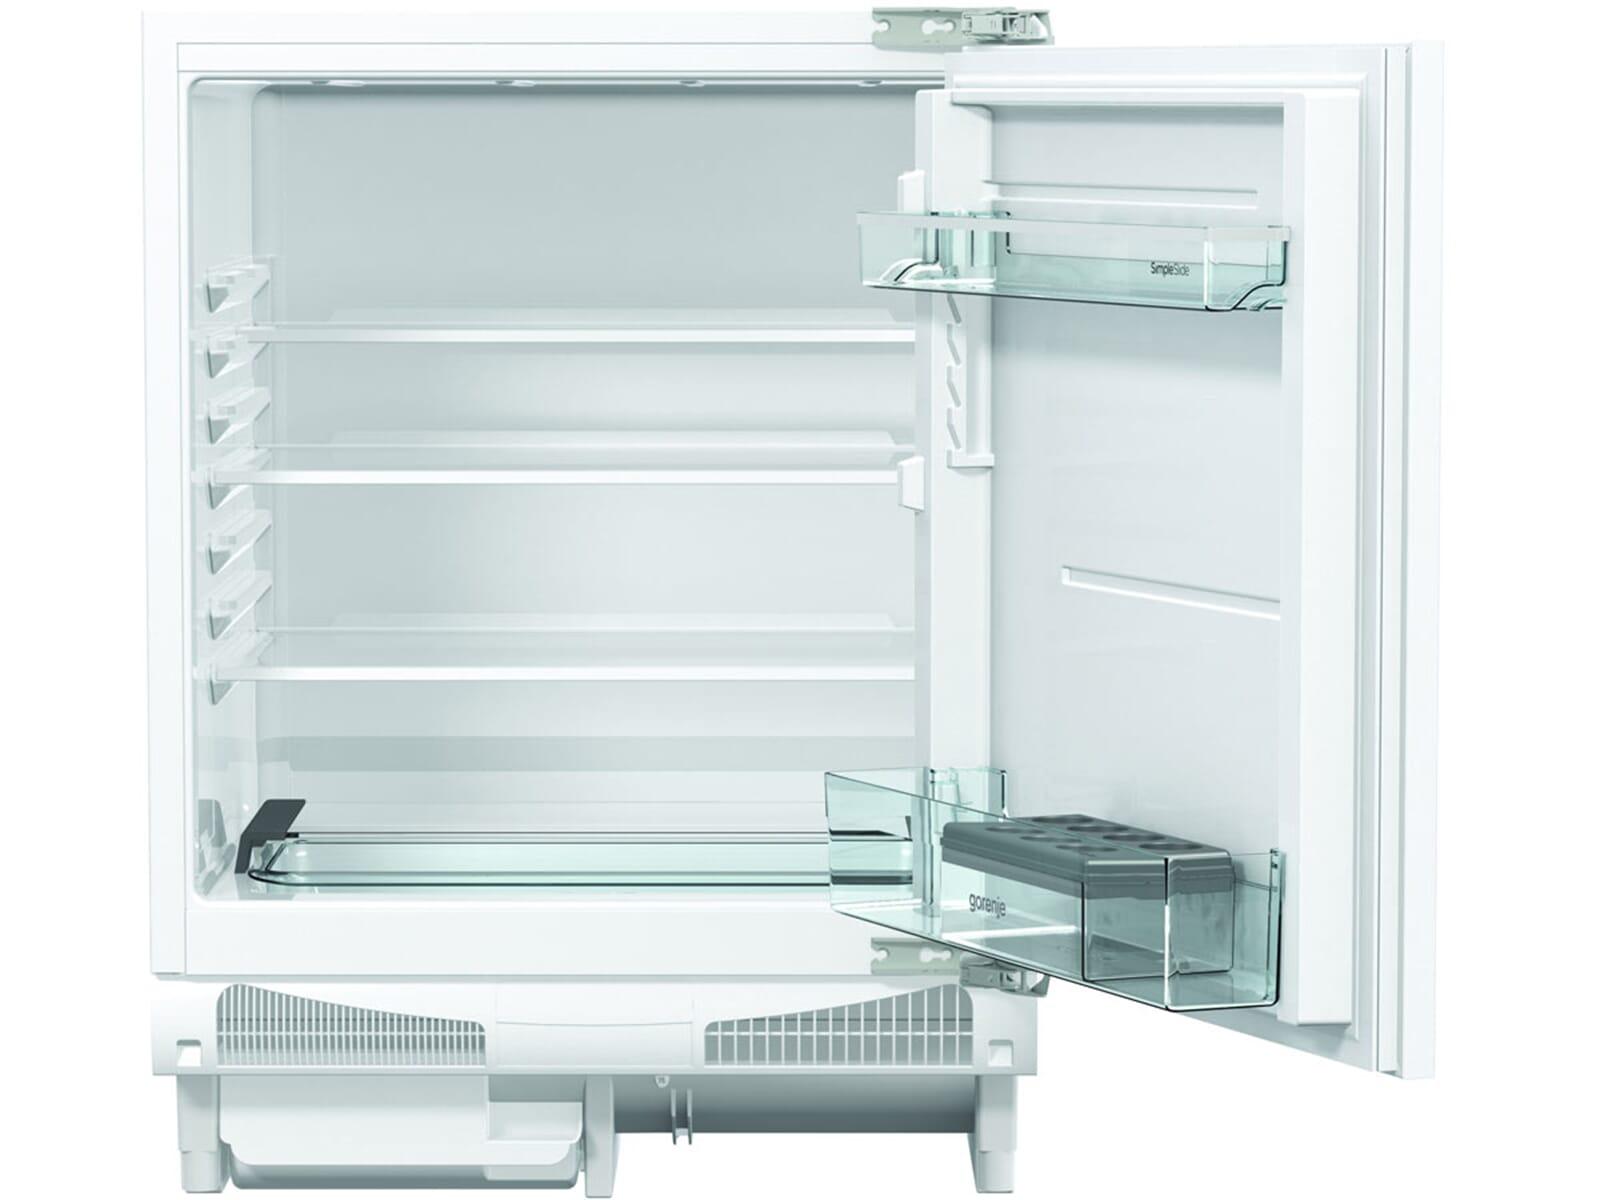 Kühlschrank Unterbau : Unterbau kühlschränke unterbau waschbecken preisvergleich die